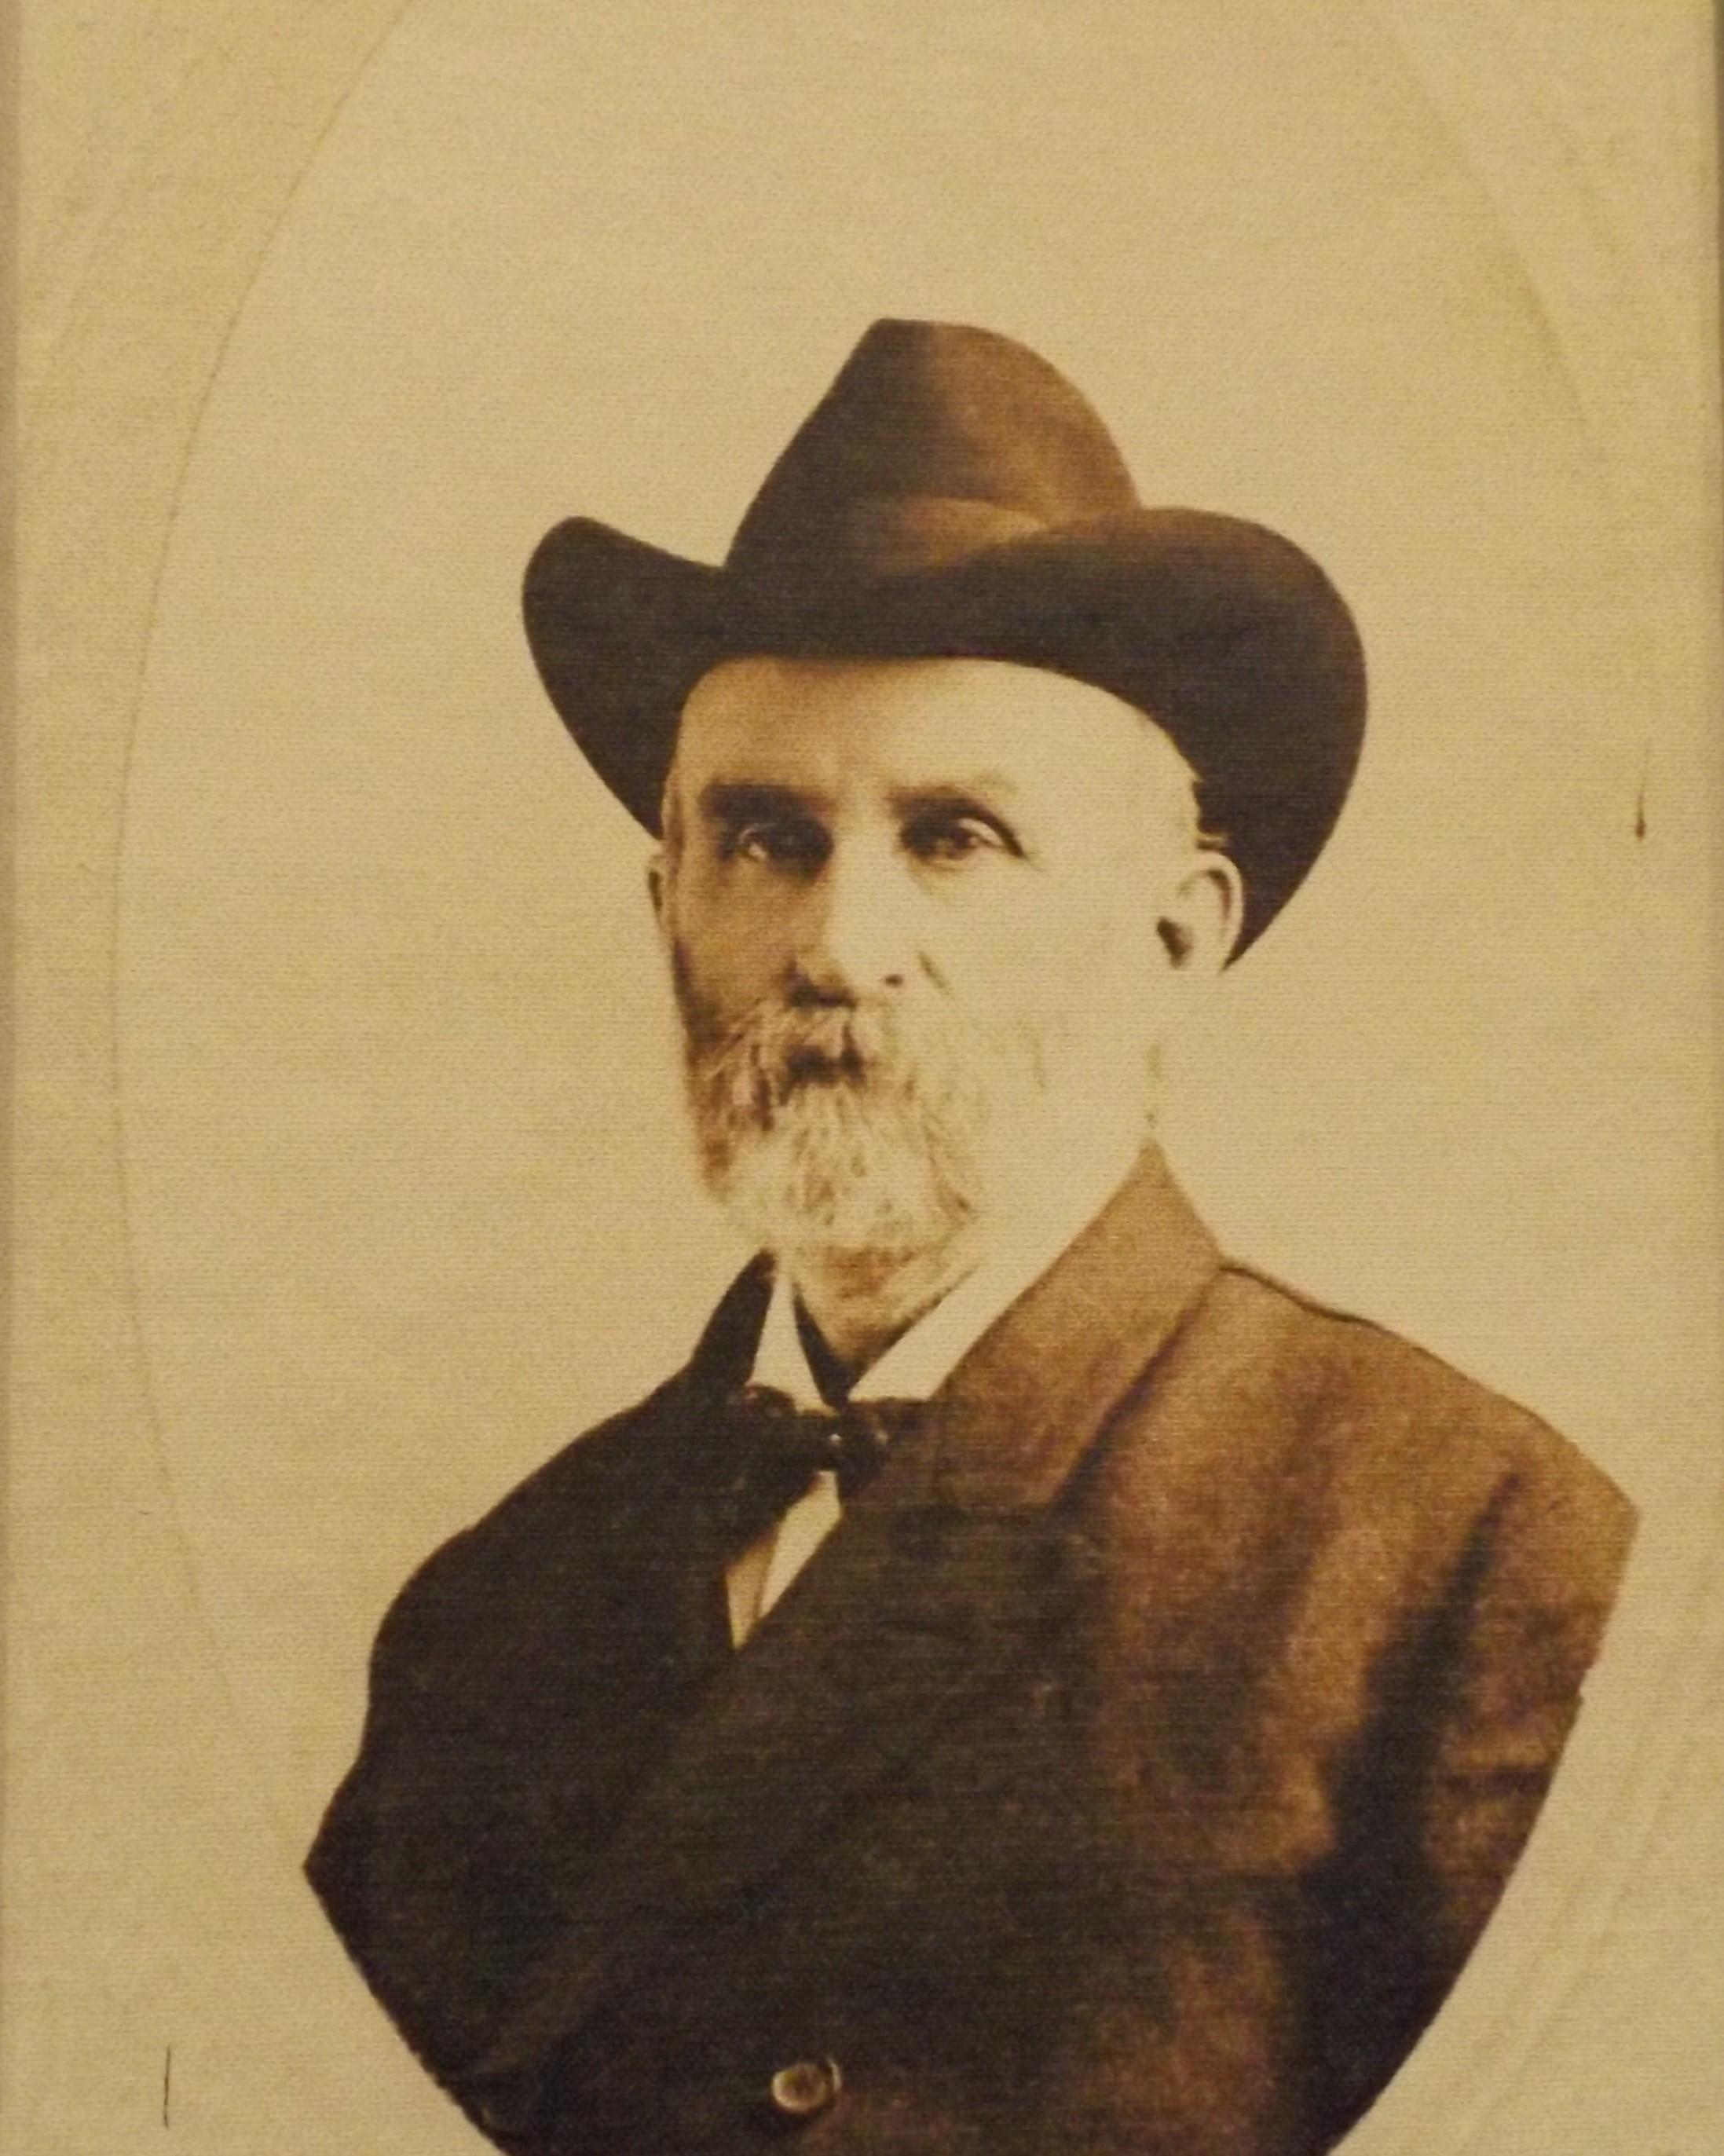 Daniel Dorsey